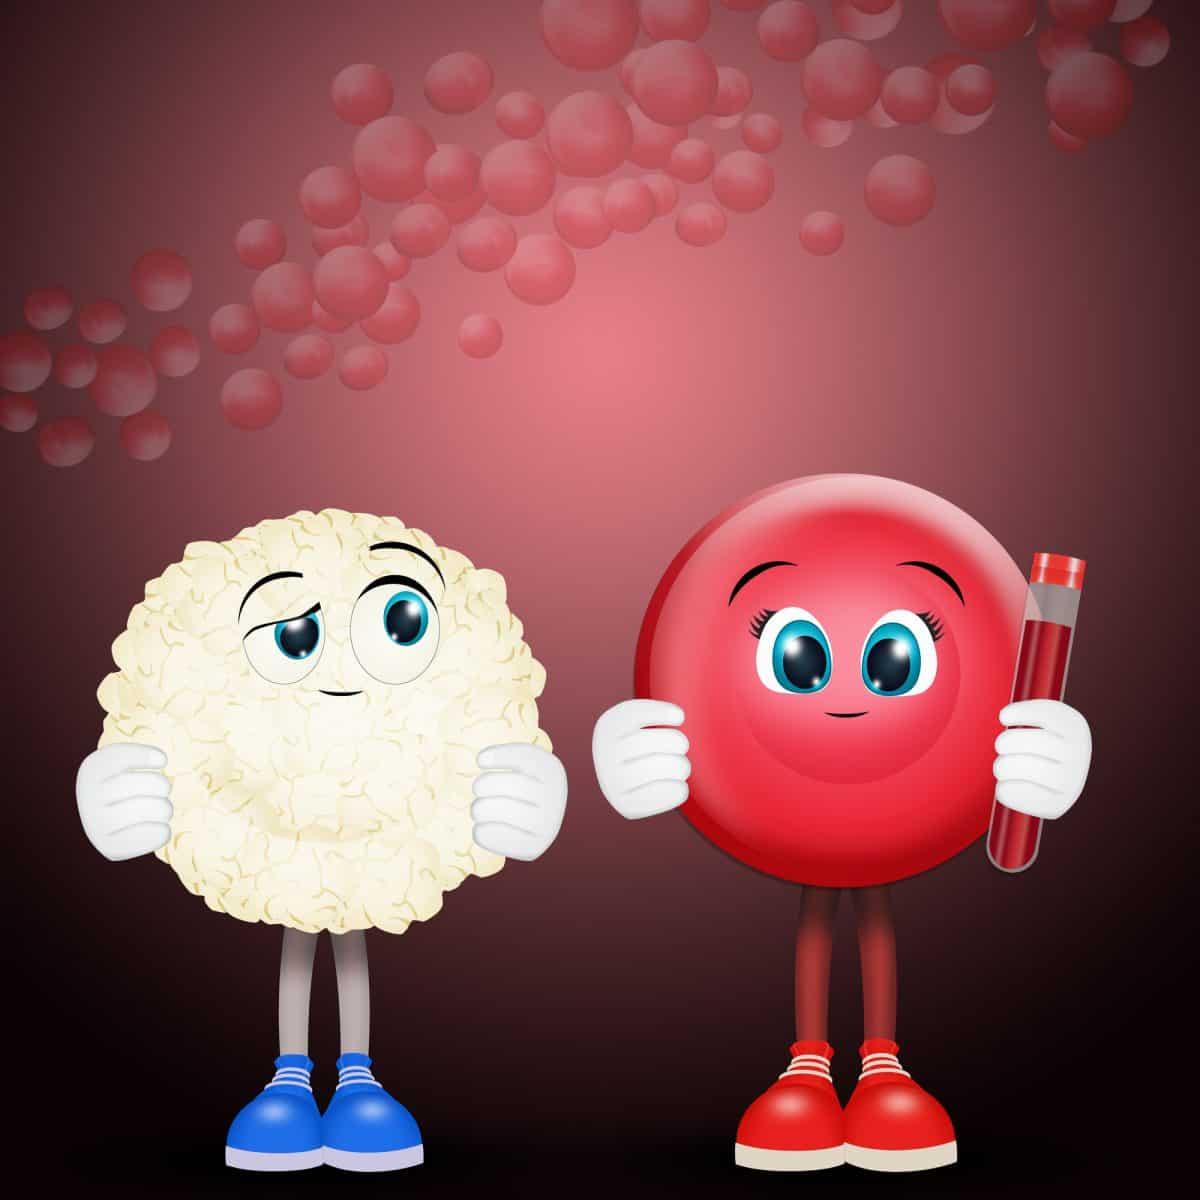 Grupy krwi - co oznaczają?